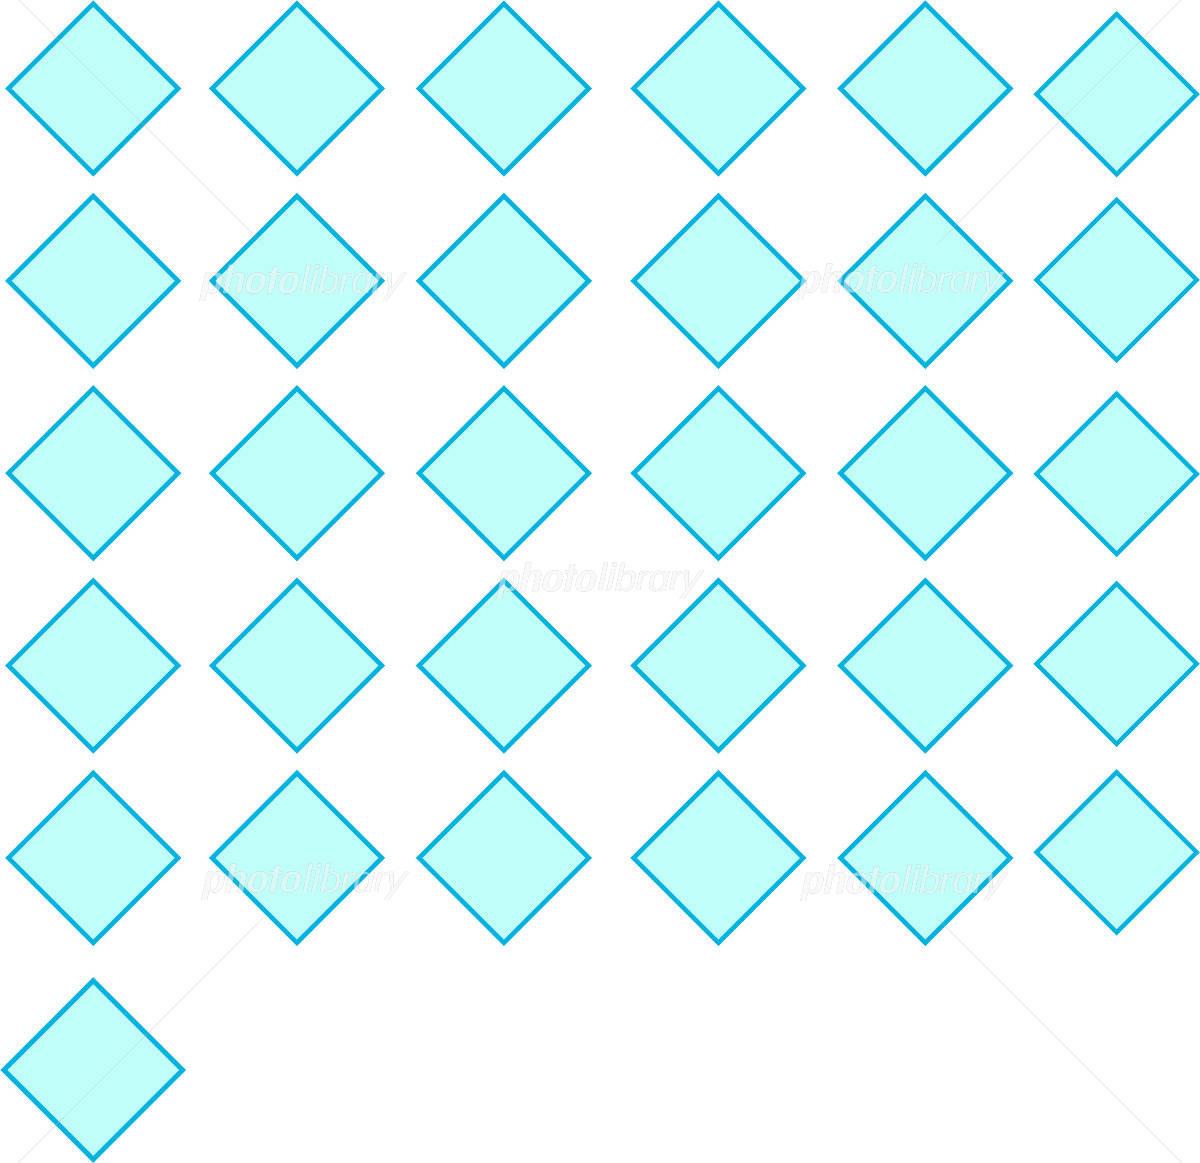 シール台紙 ダイヤ イラスト素材 926585 無料 フォトライブラリー